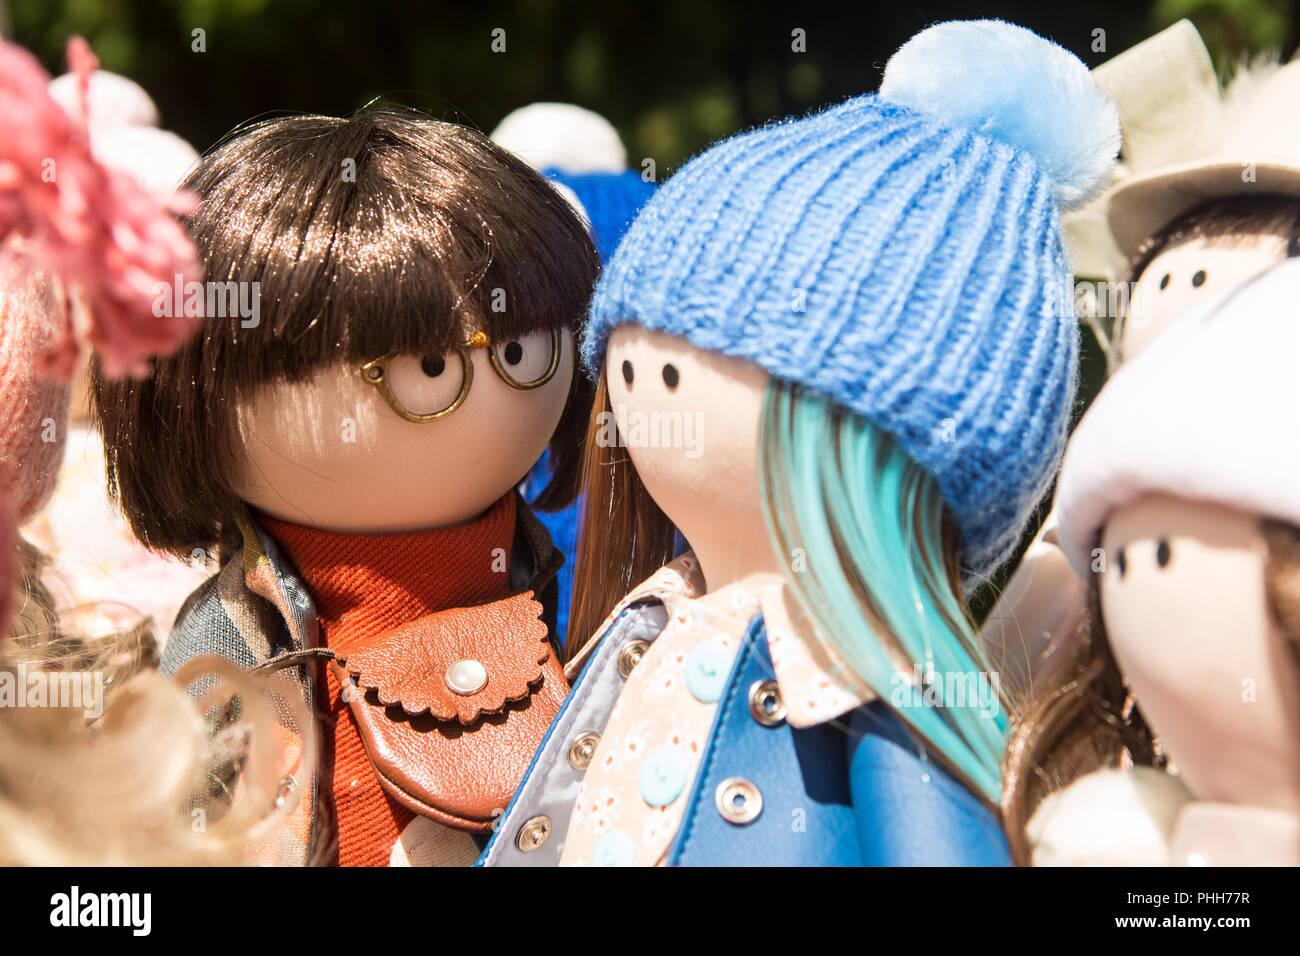 a in bambole fiera settimana mano fatte sono Simpatiche nel fine Nn0m8wOv